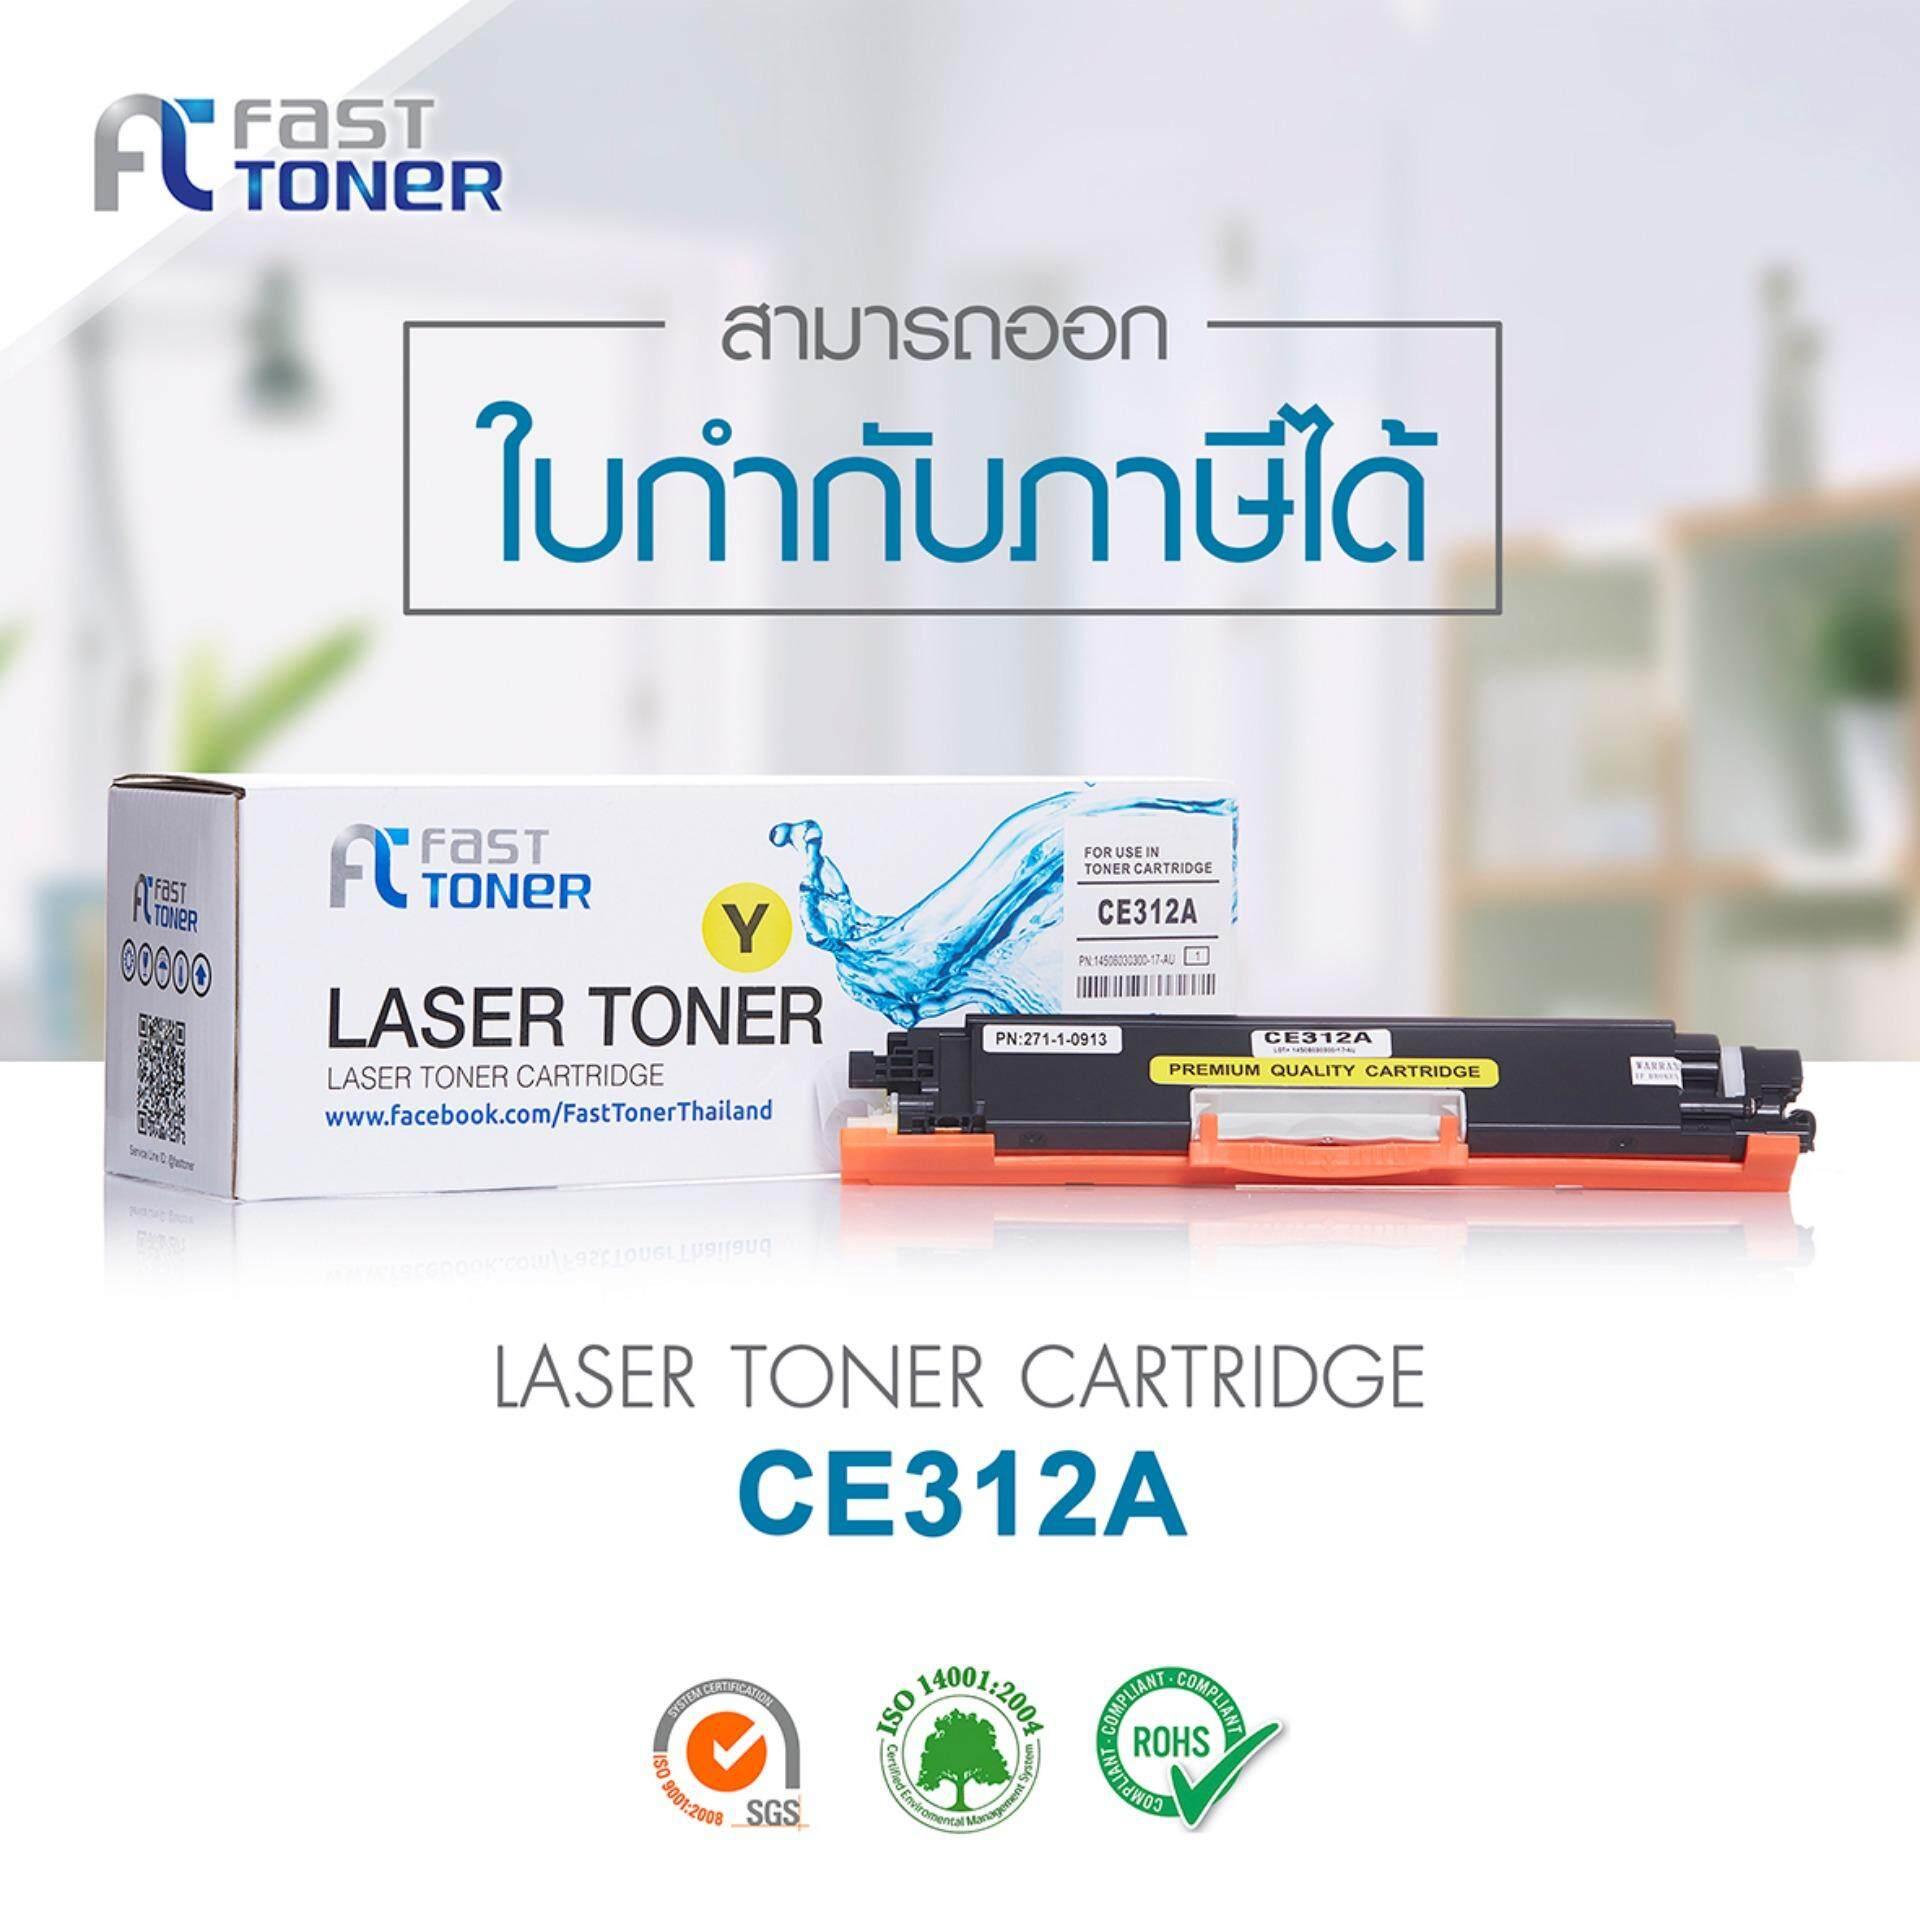 โปรโมชั่น Fast Toner Hp ตลับหมึกเลเซอร์เทียบเท่า 126A รุ่น Ce312A Yellow สำหรับเครื่องพิมพ์ Hp Laserjet Printer Cp1025 Cp1025Nw M175Nw Canon Lbp 7010C 7018C ใน กรุงเทพมหานคร